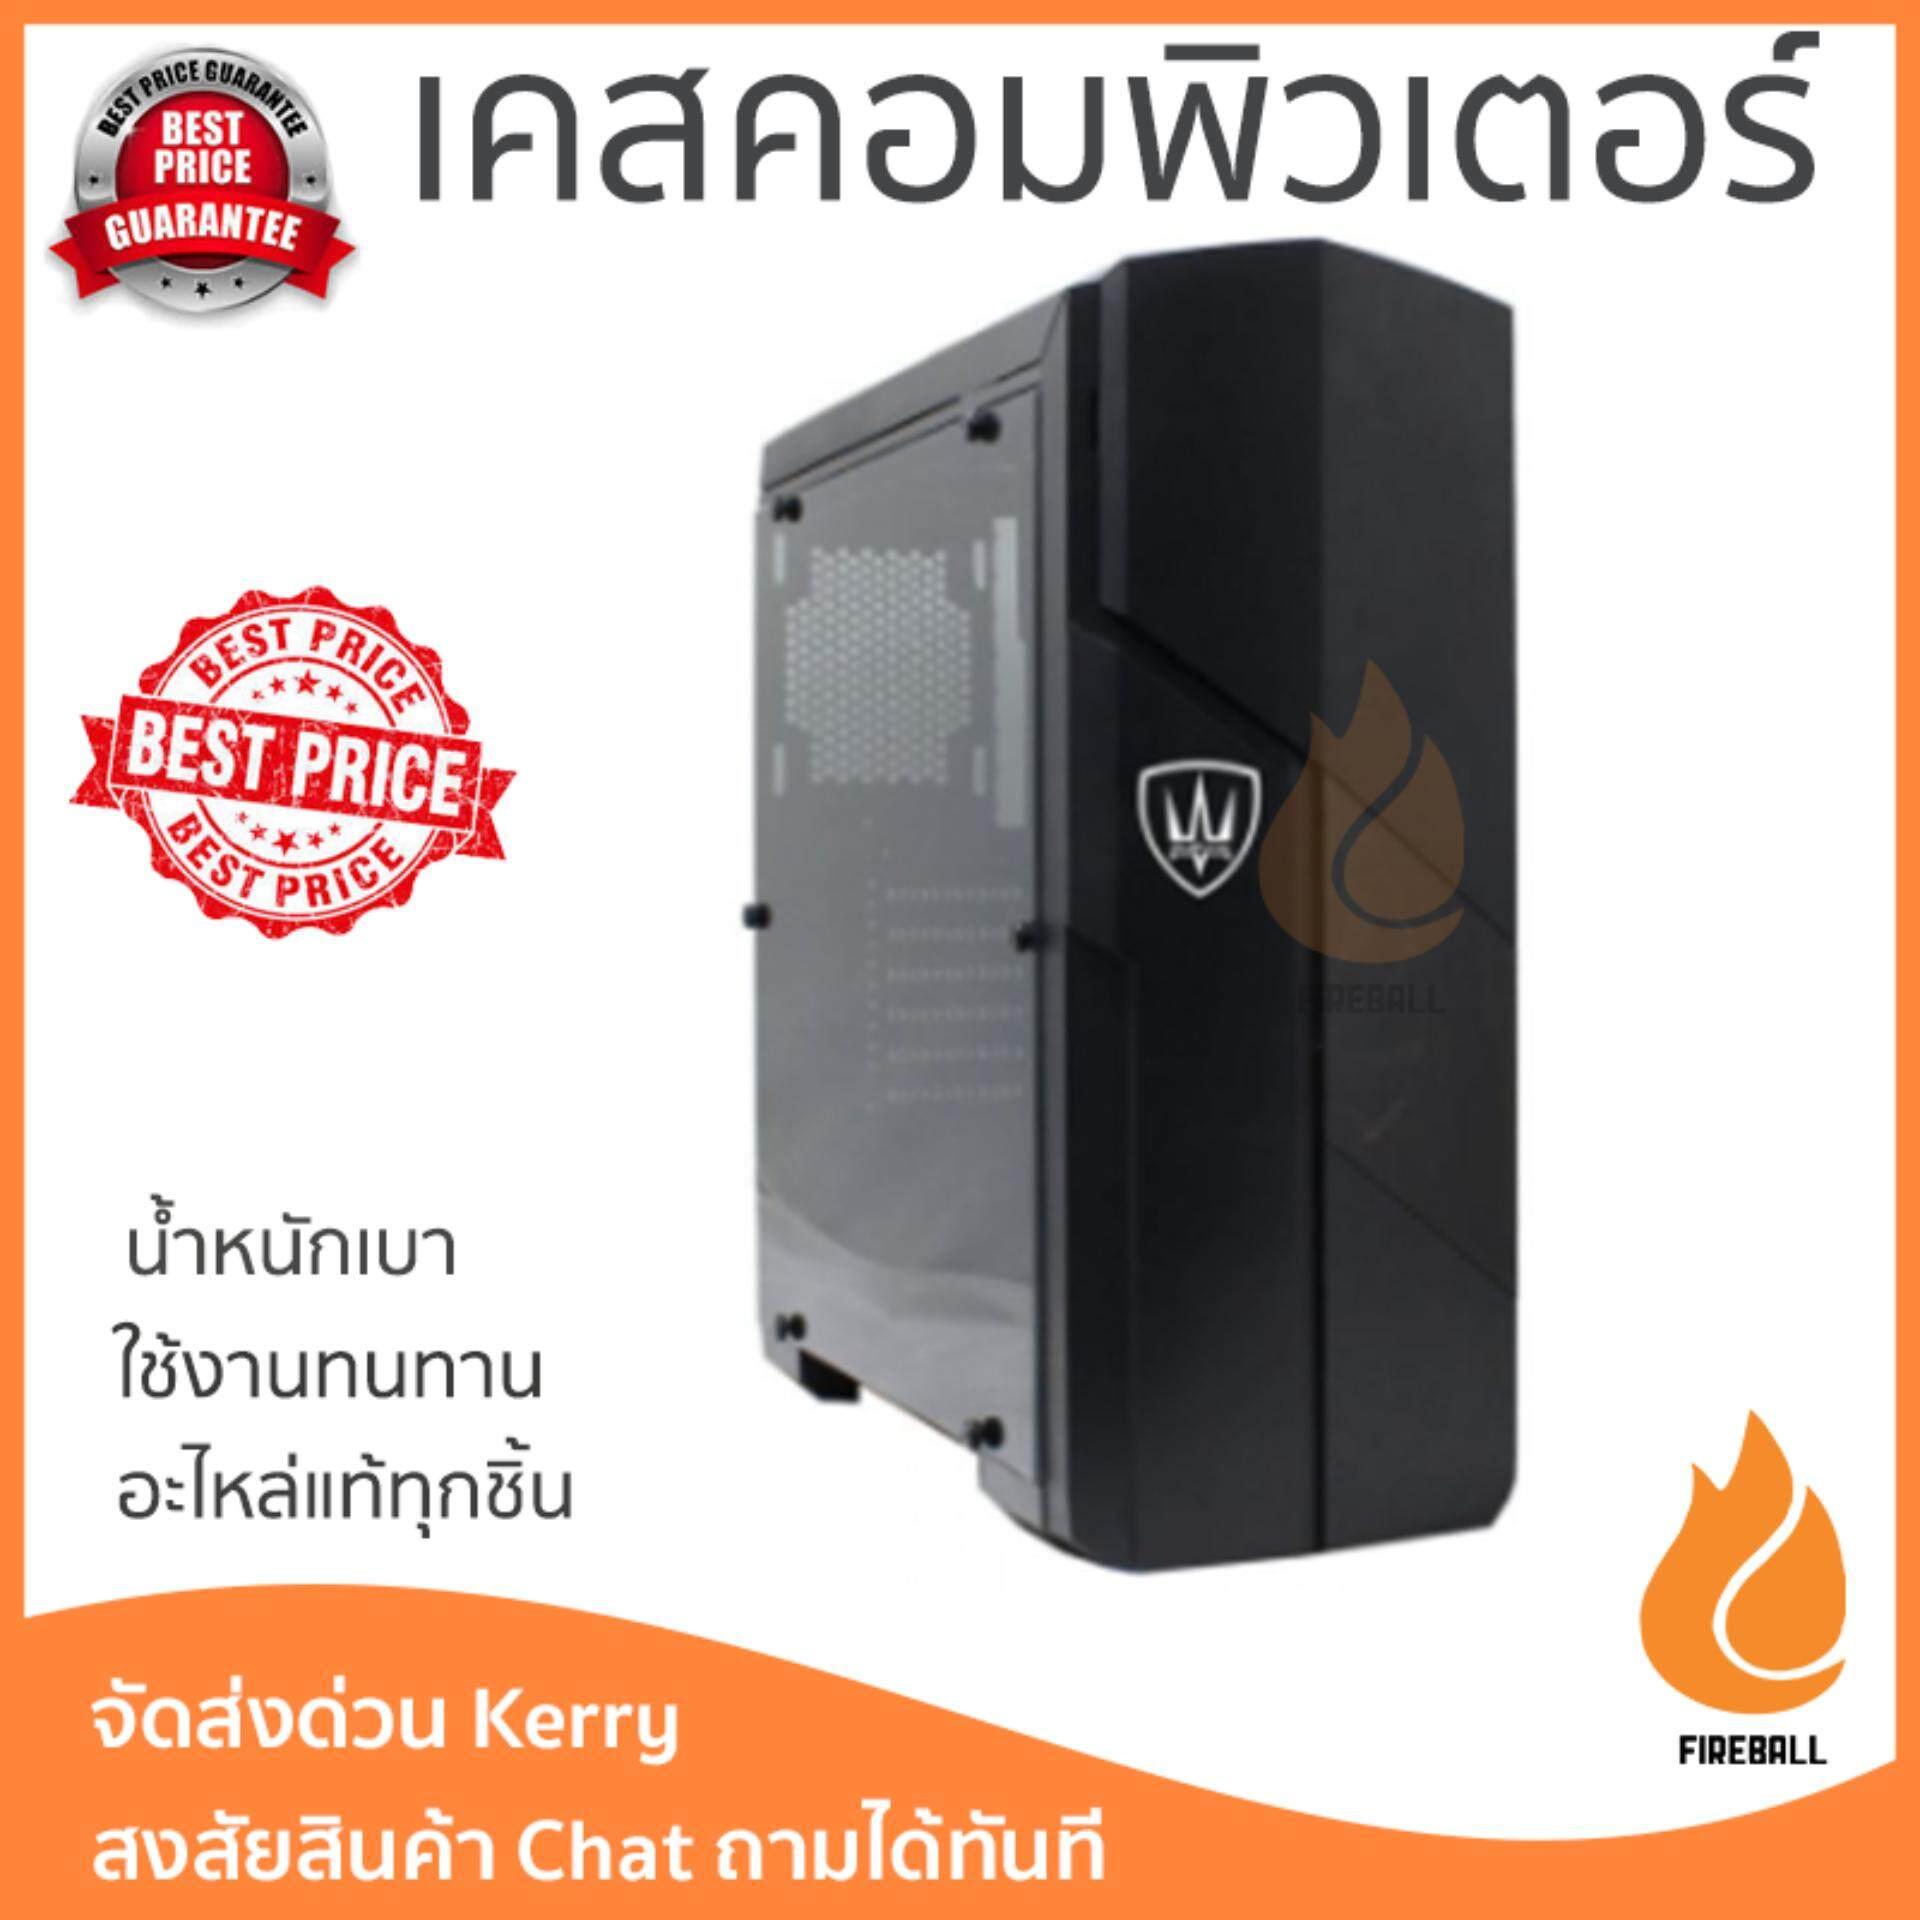 ลดสุดๆ ราคาพิเศษ เคสคอมพิวเตอร์  Plenty Computer Case Galaxy (GA11AKRD) No PSU ทนทาน อะไหล่แท้ทุกชิ้น Computer Case  จัดส่งฟรี Kerry ทั่วประเทศ